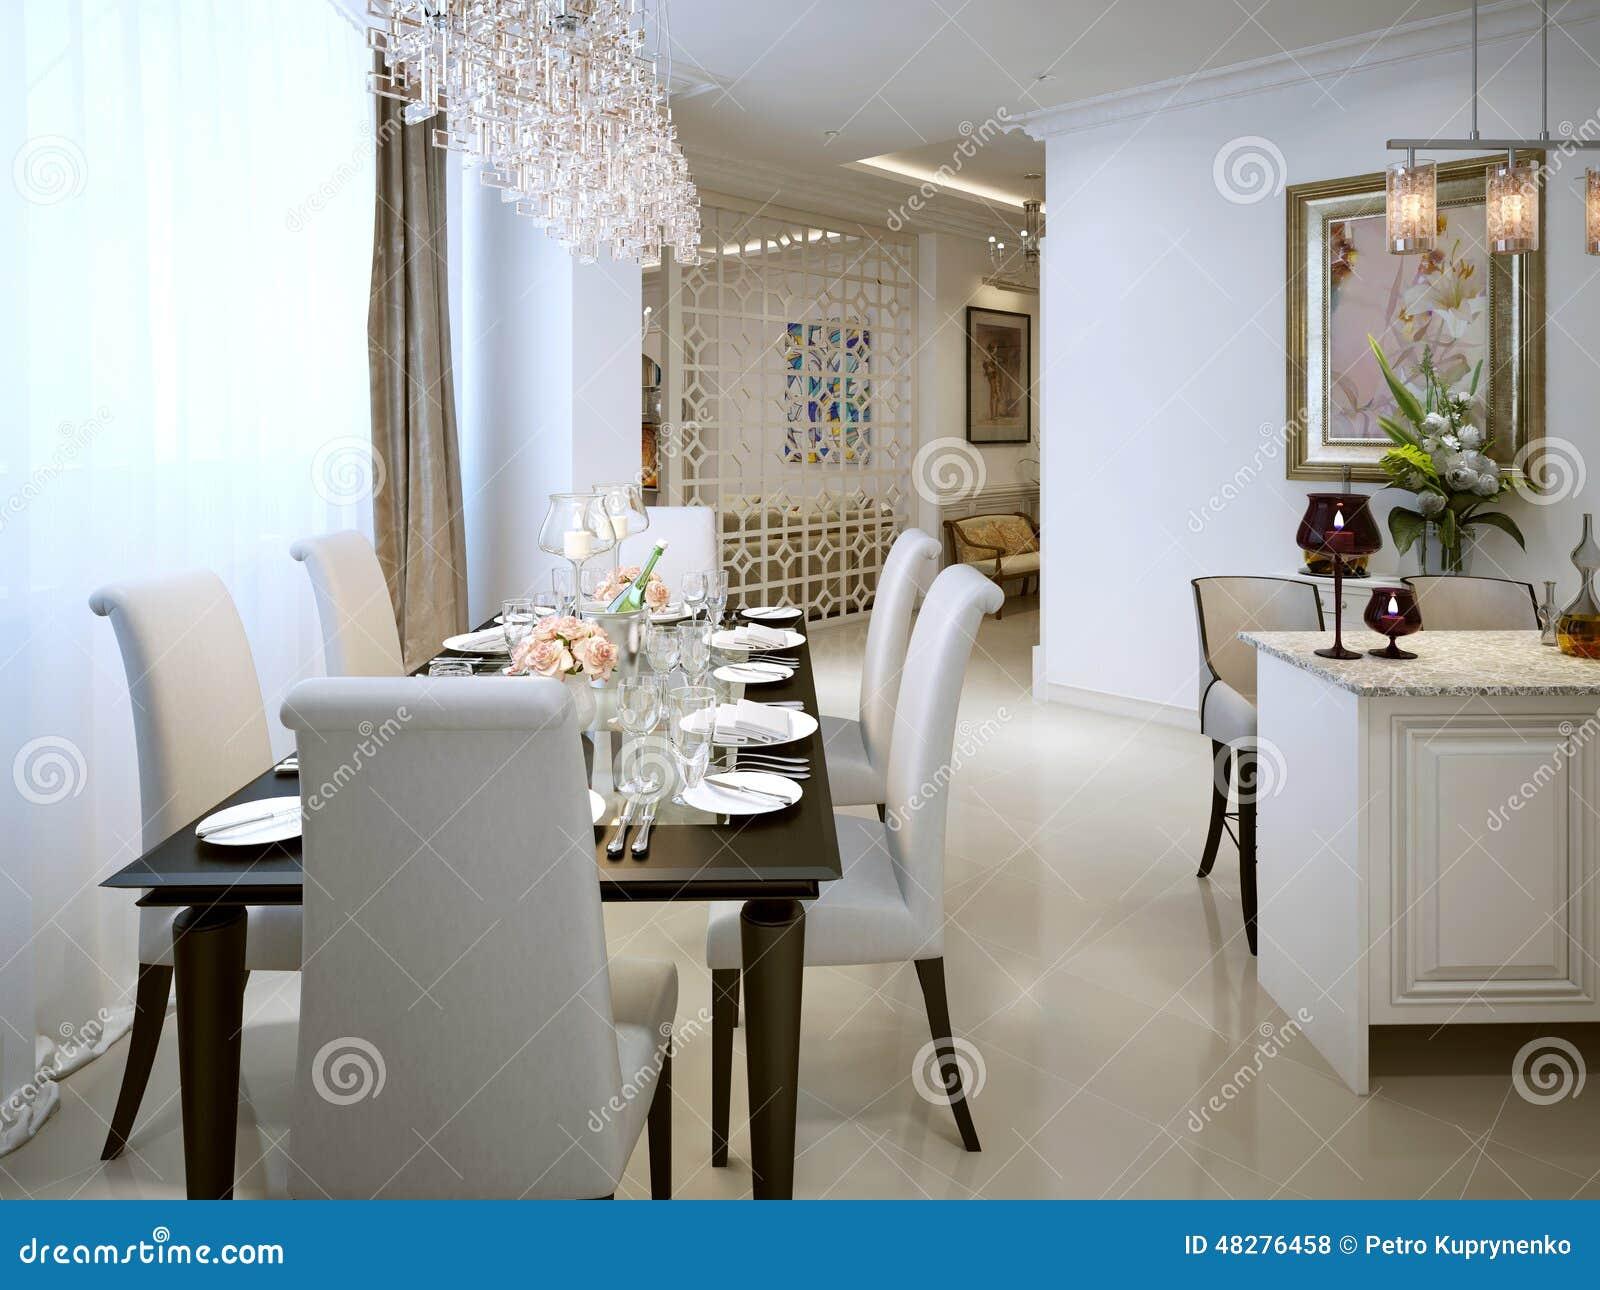 Style de classique de salle manger illustration stock for Salle a manger 3d